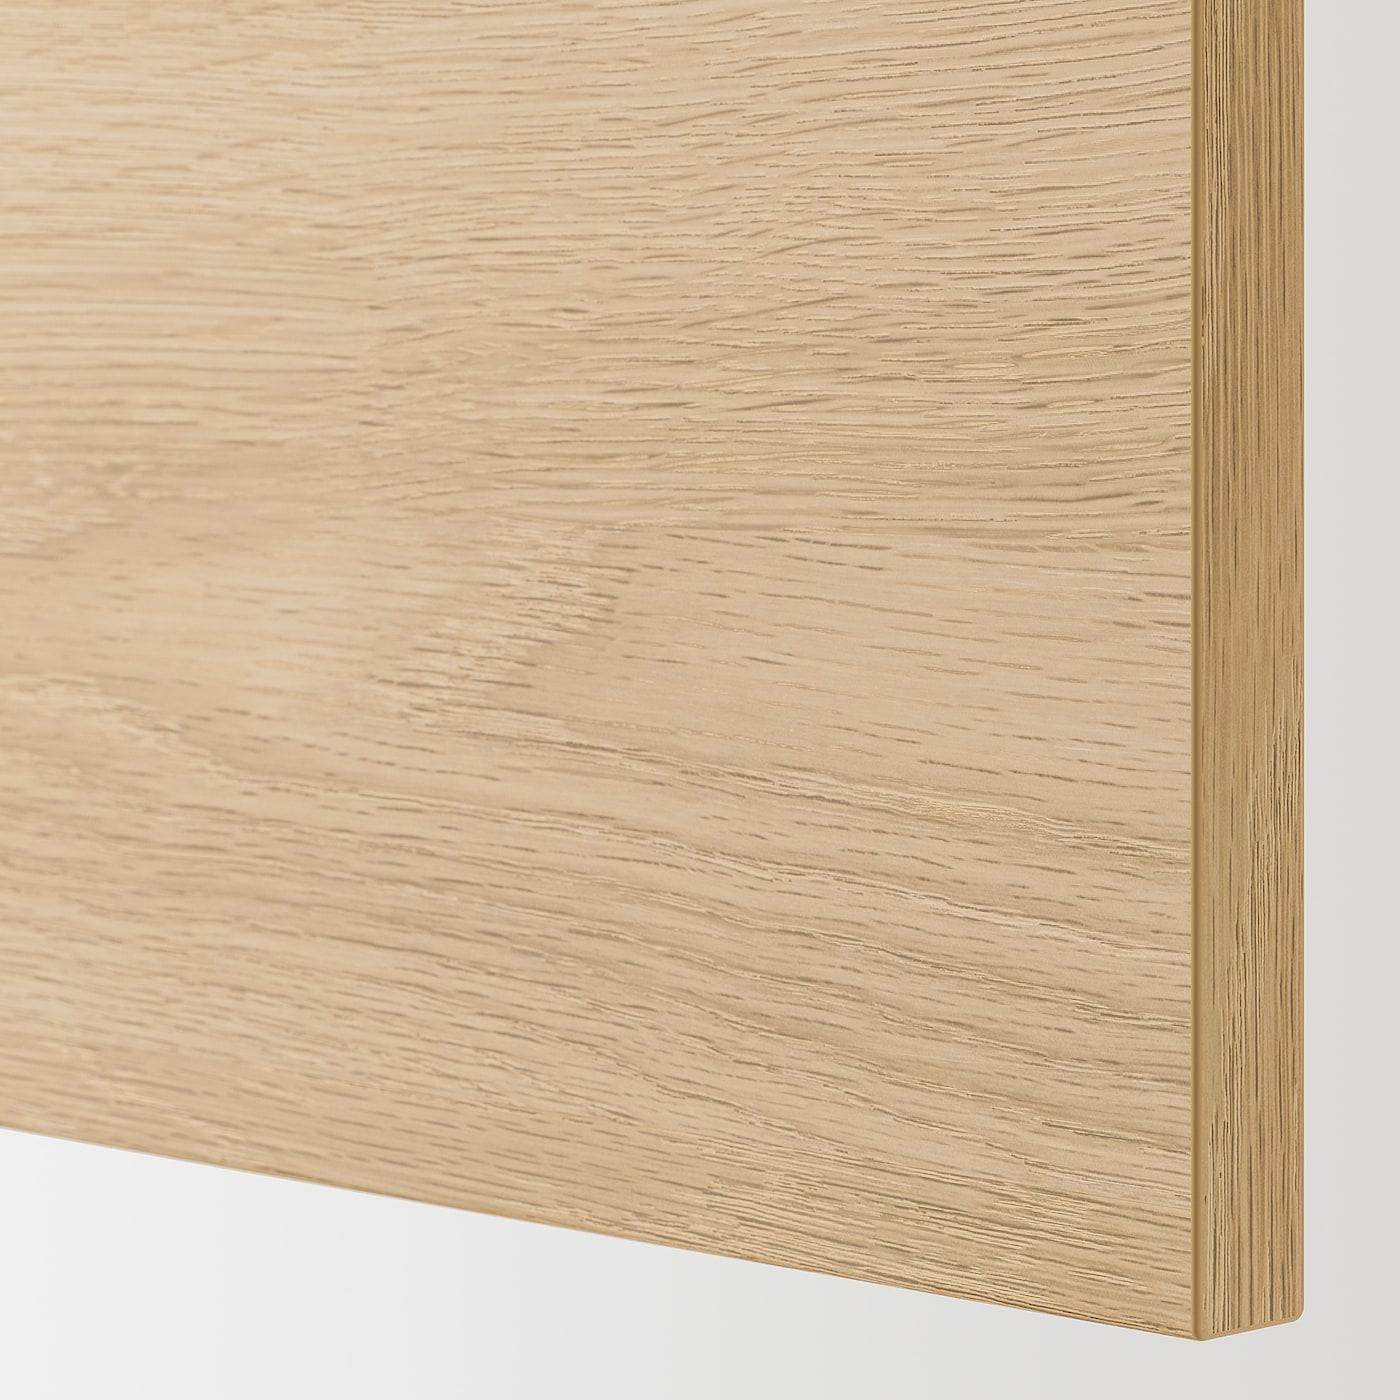 ENHET Unterschrank mit Böden/Tür, weiß/Eichenachbildung, 40x62x75 cm